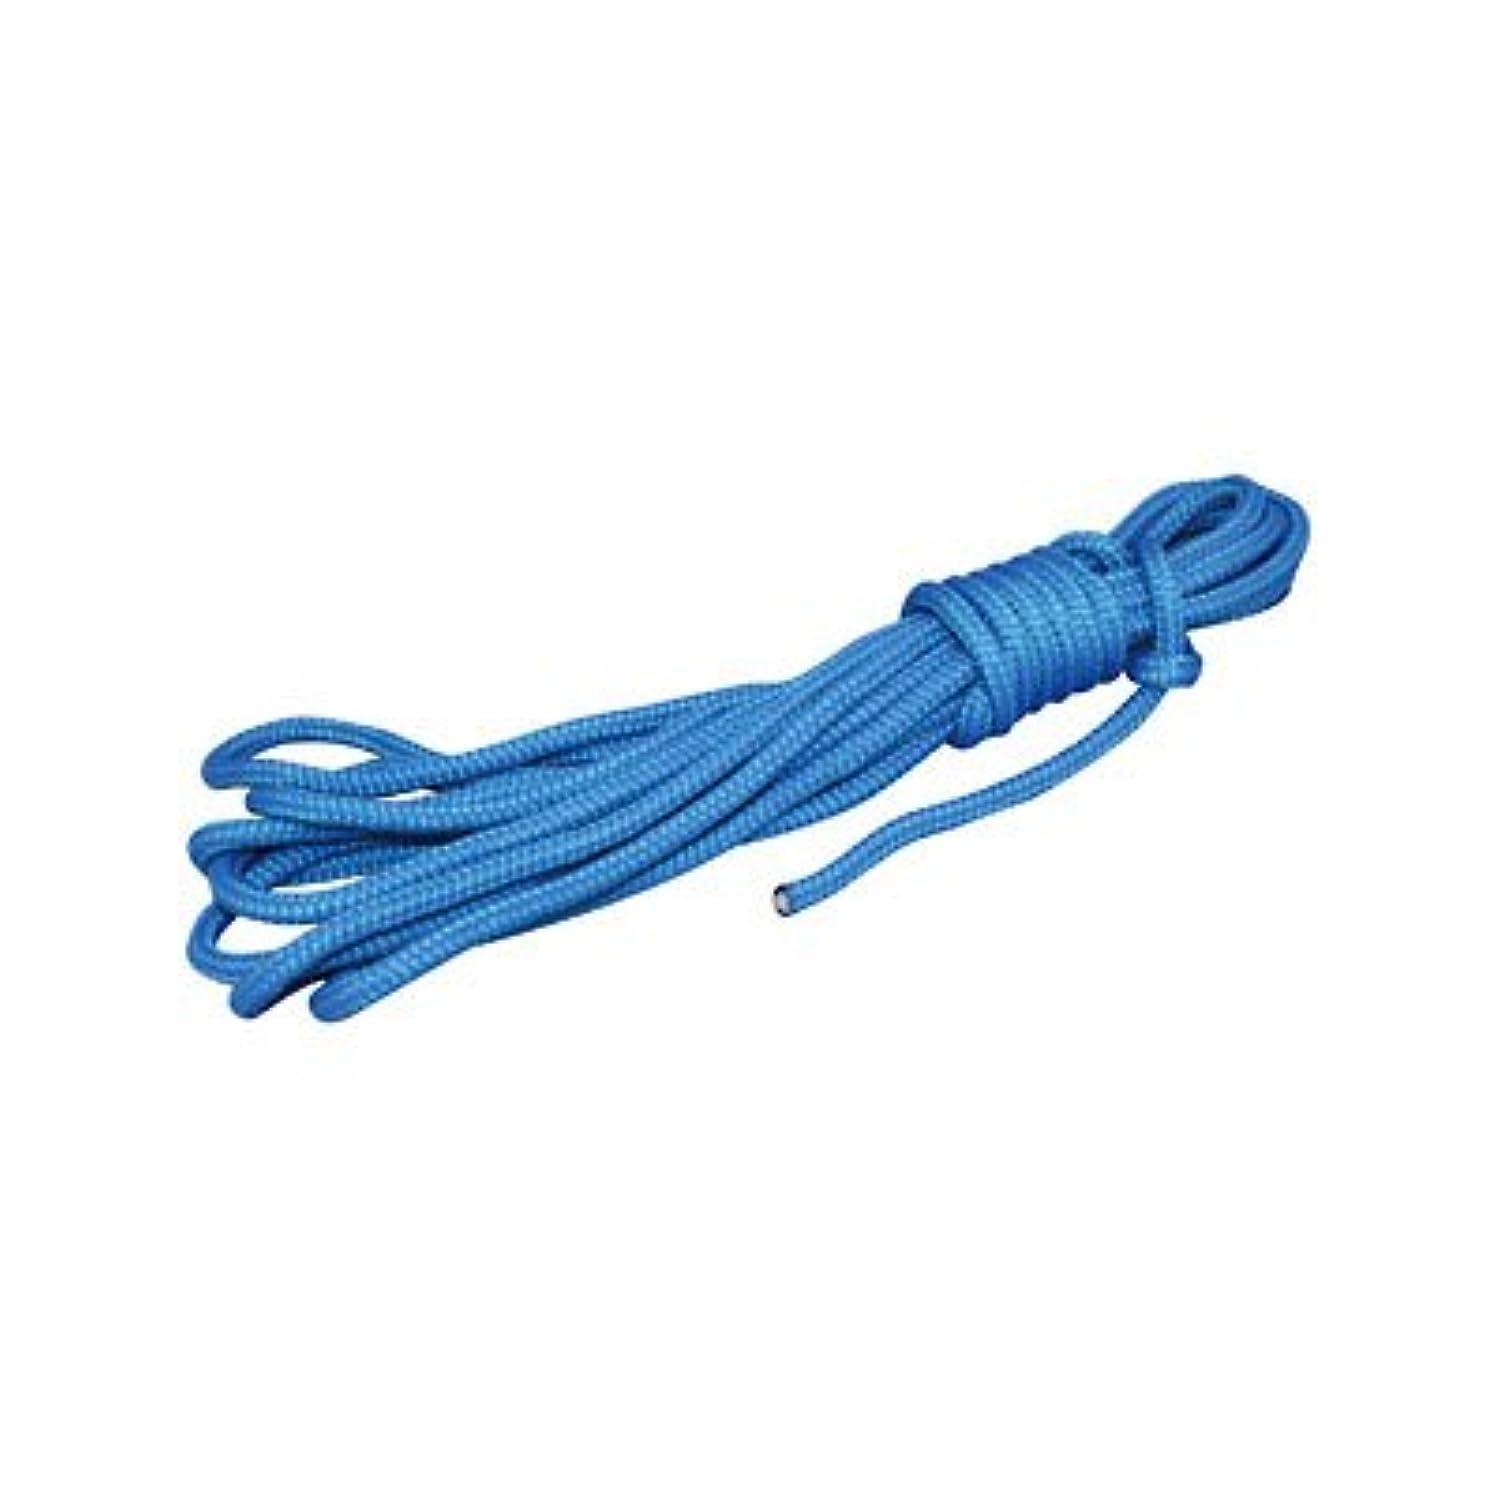 角度読者構造【BMO/ビーエムオー】メインロープ S/M SAMR-700 シーアンカー用ロープ ロープ